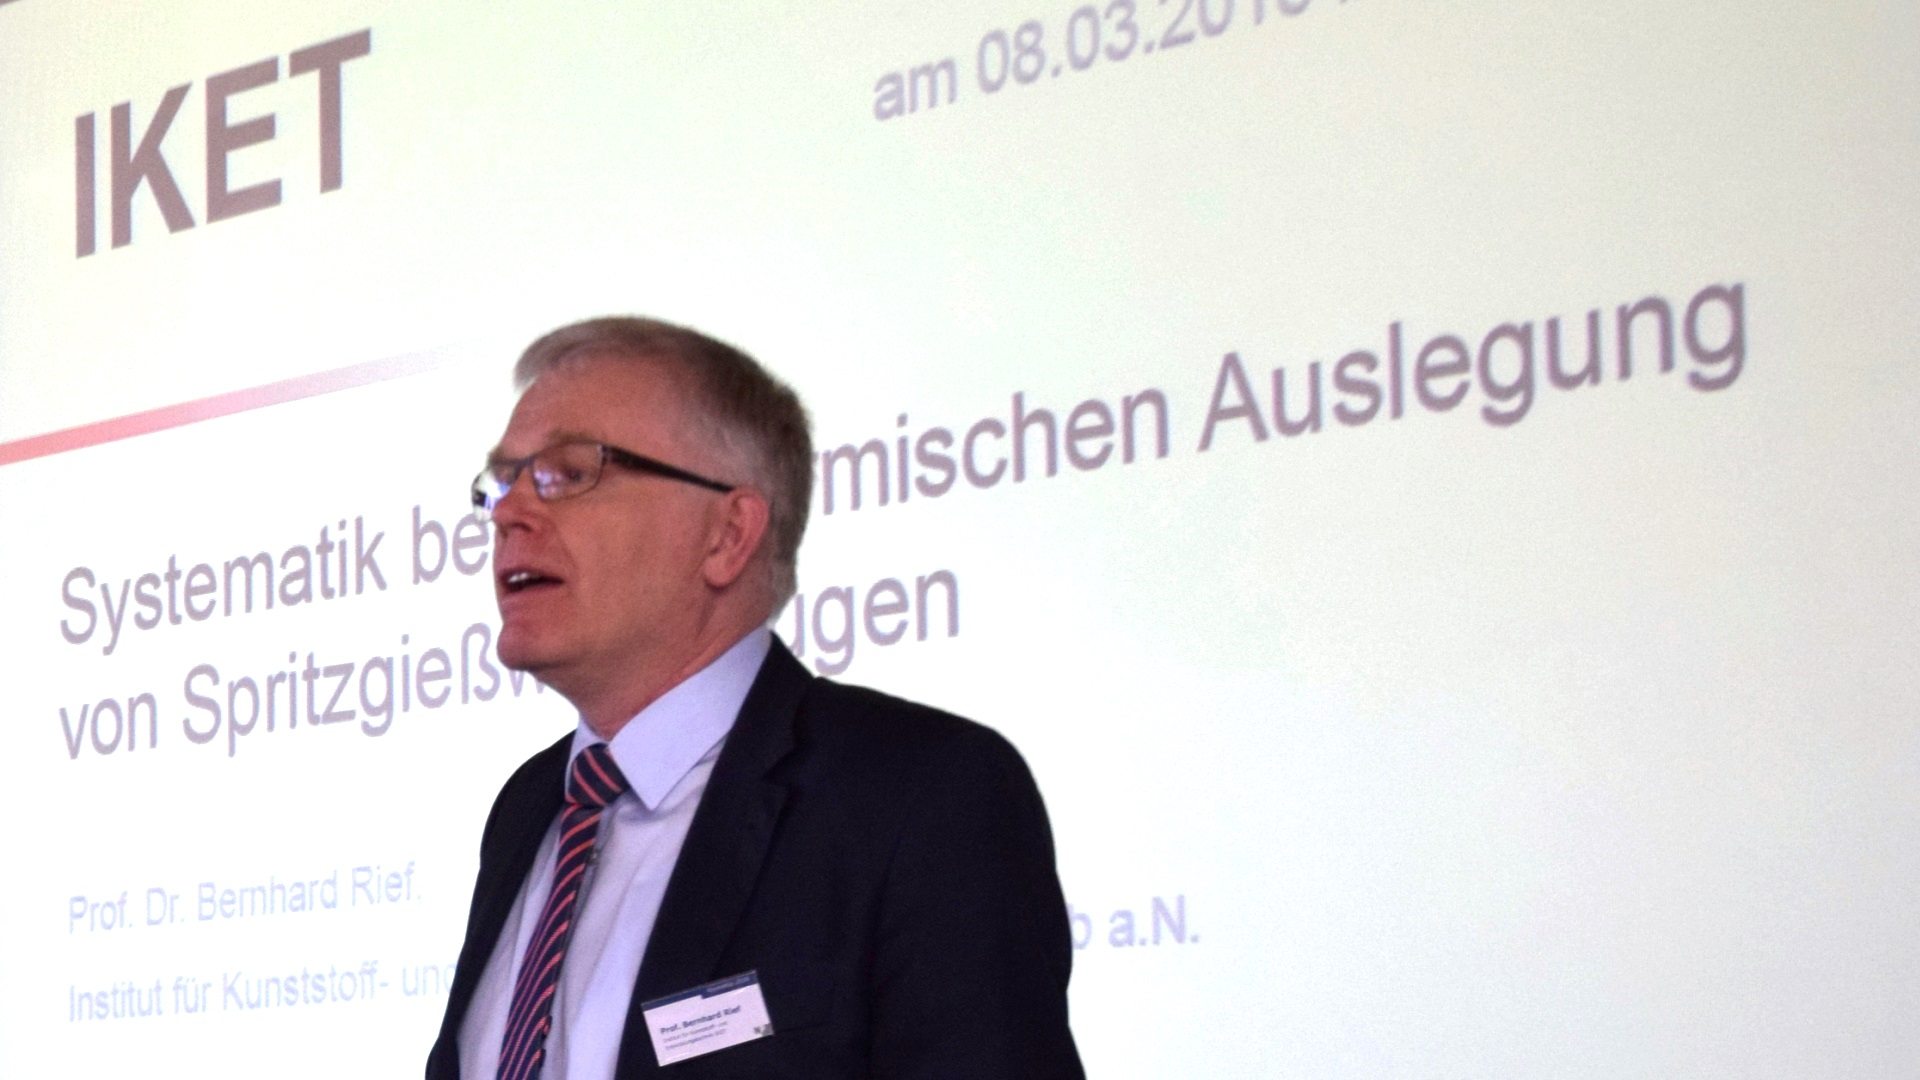 Novoplan Workshop 2018 - Prof. Dr. Bernhard Rief